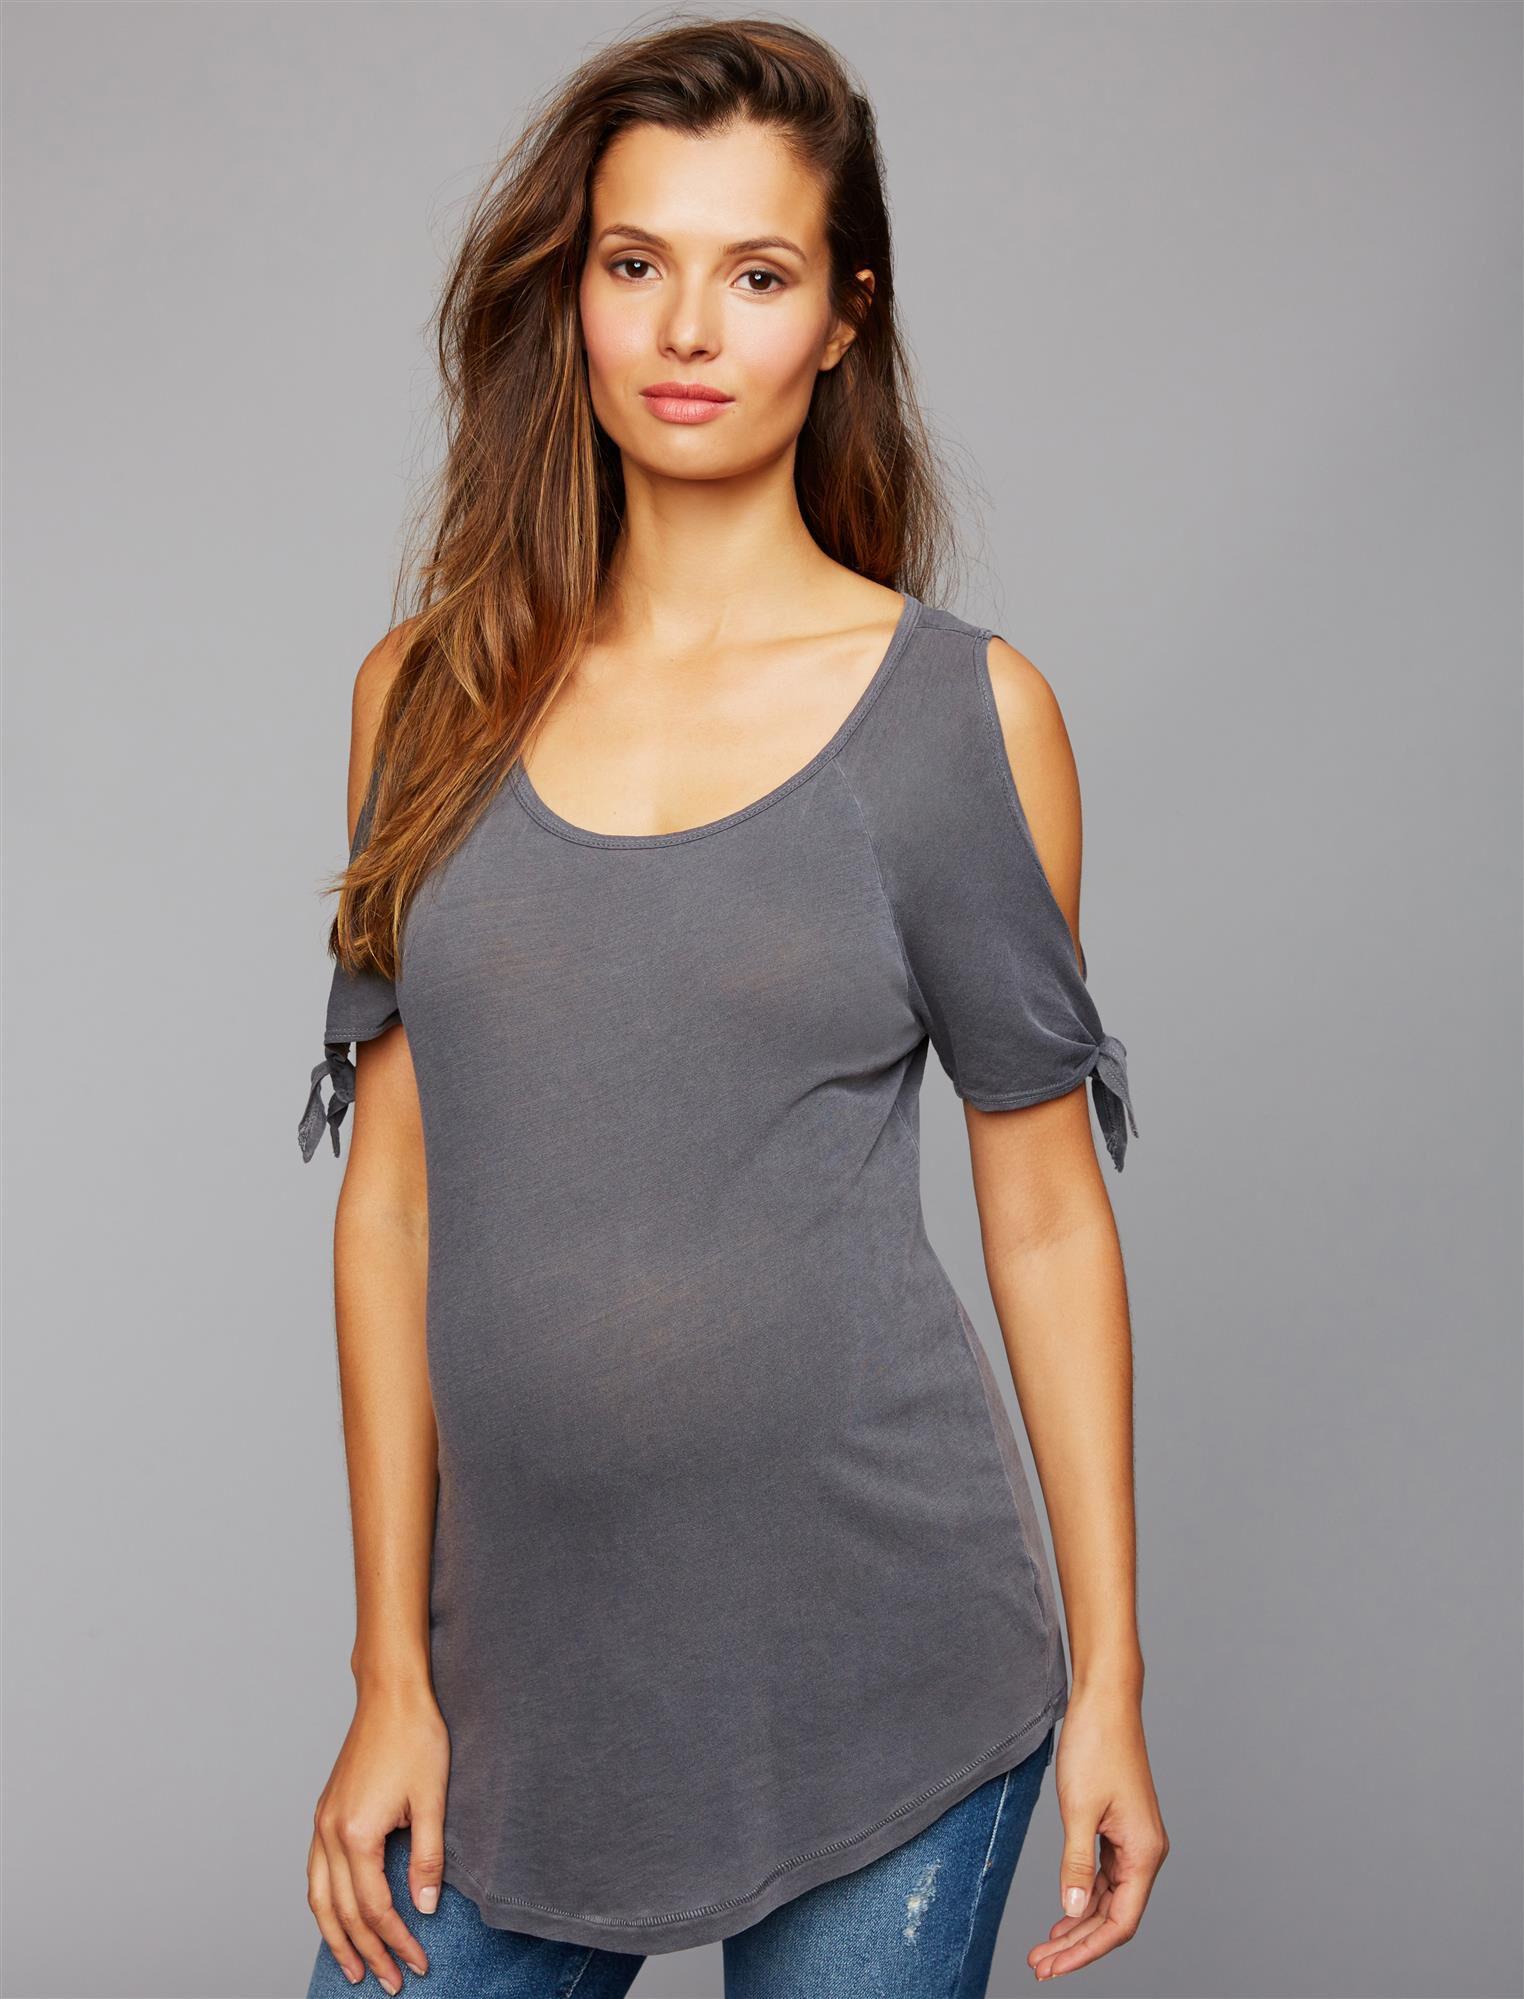 Splendid Cold Shoulder Maternity Top